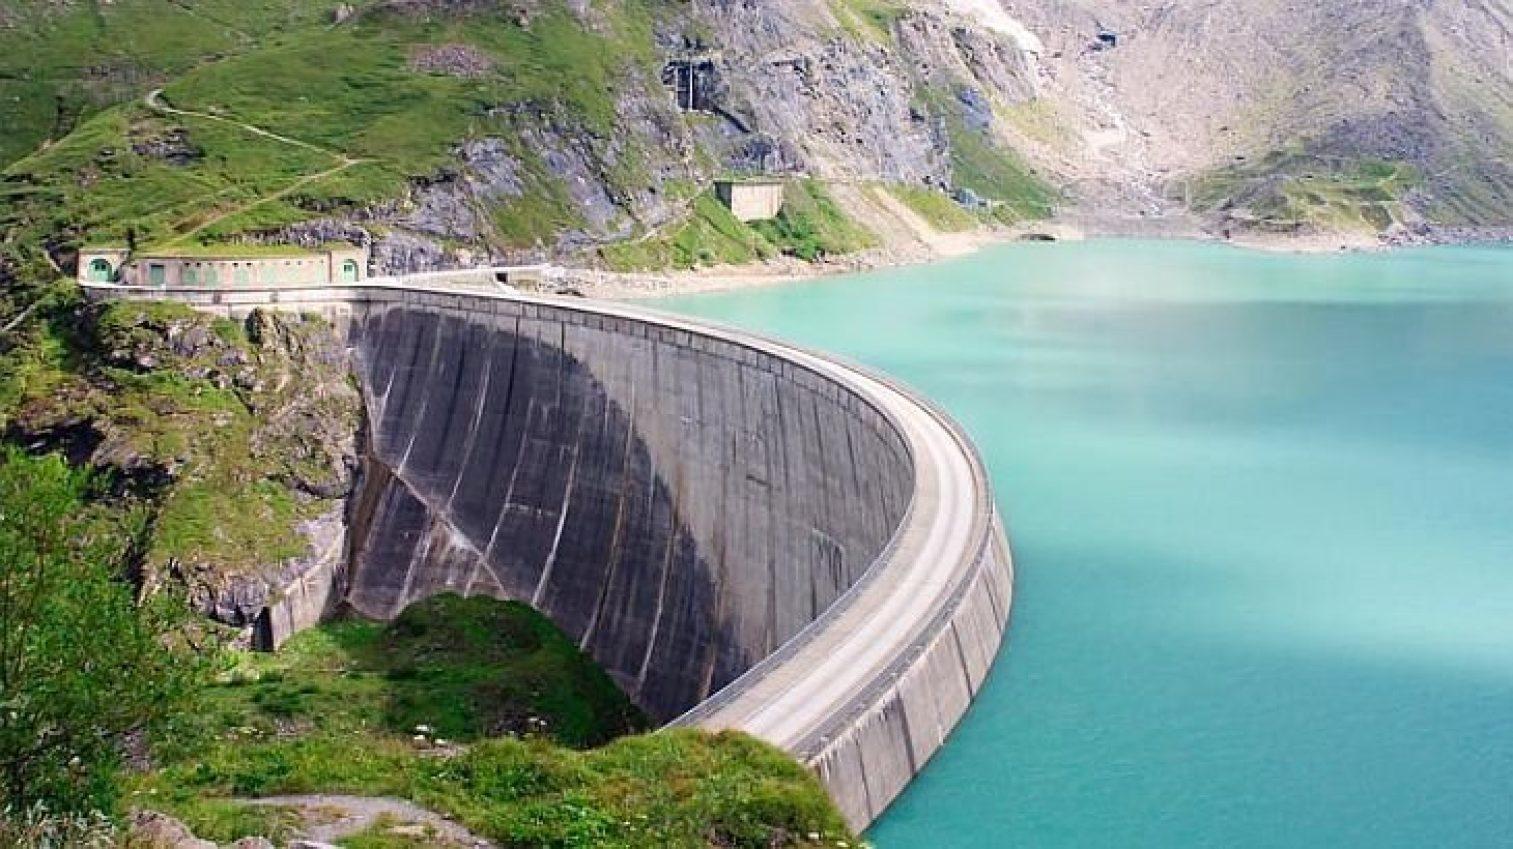 Baraj Hidroelectrica